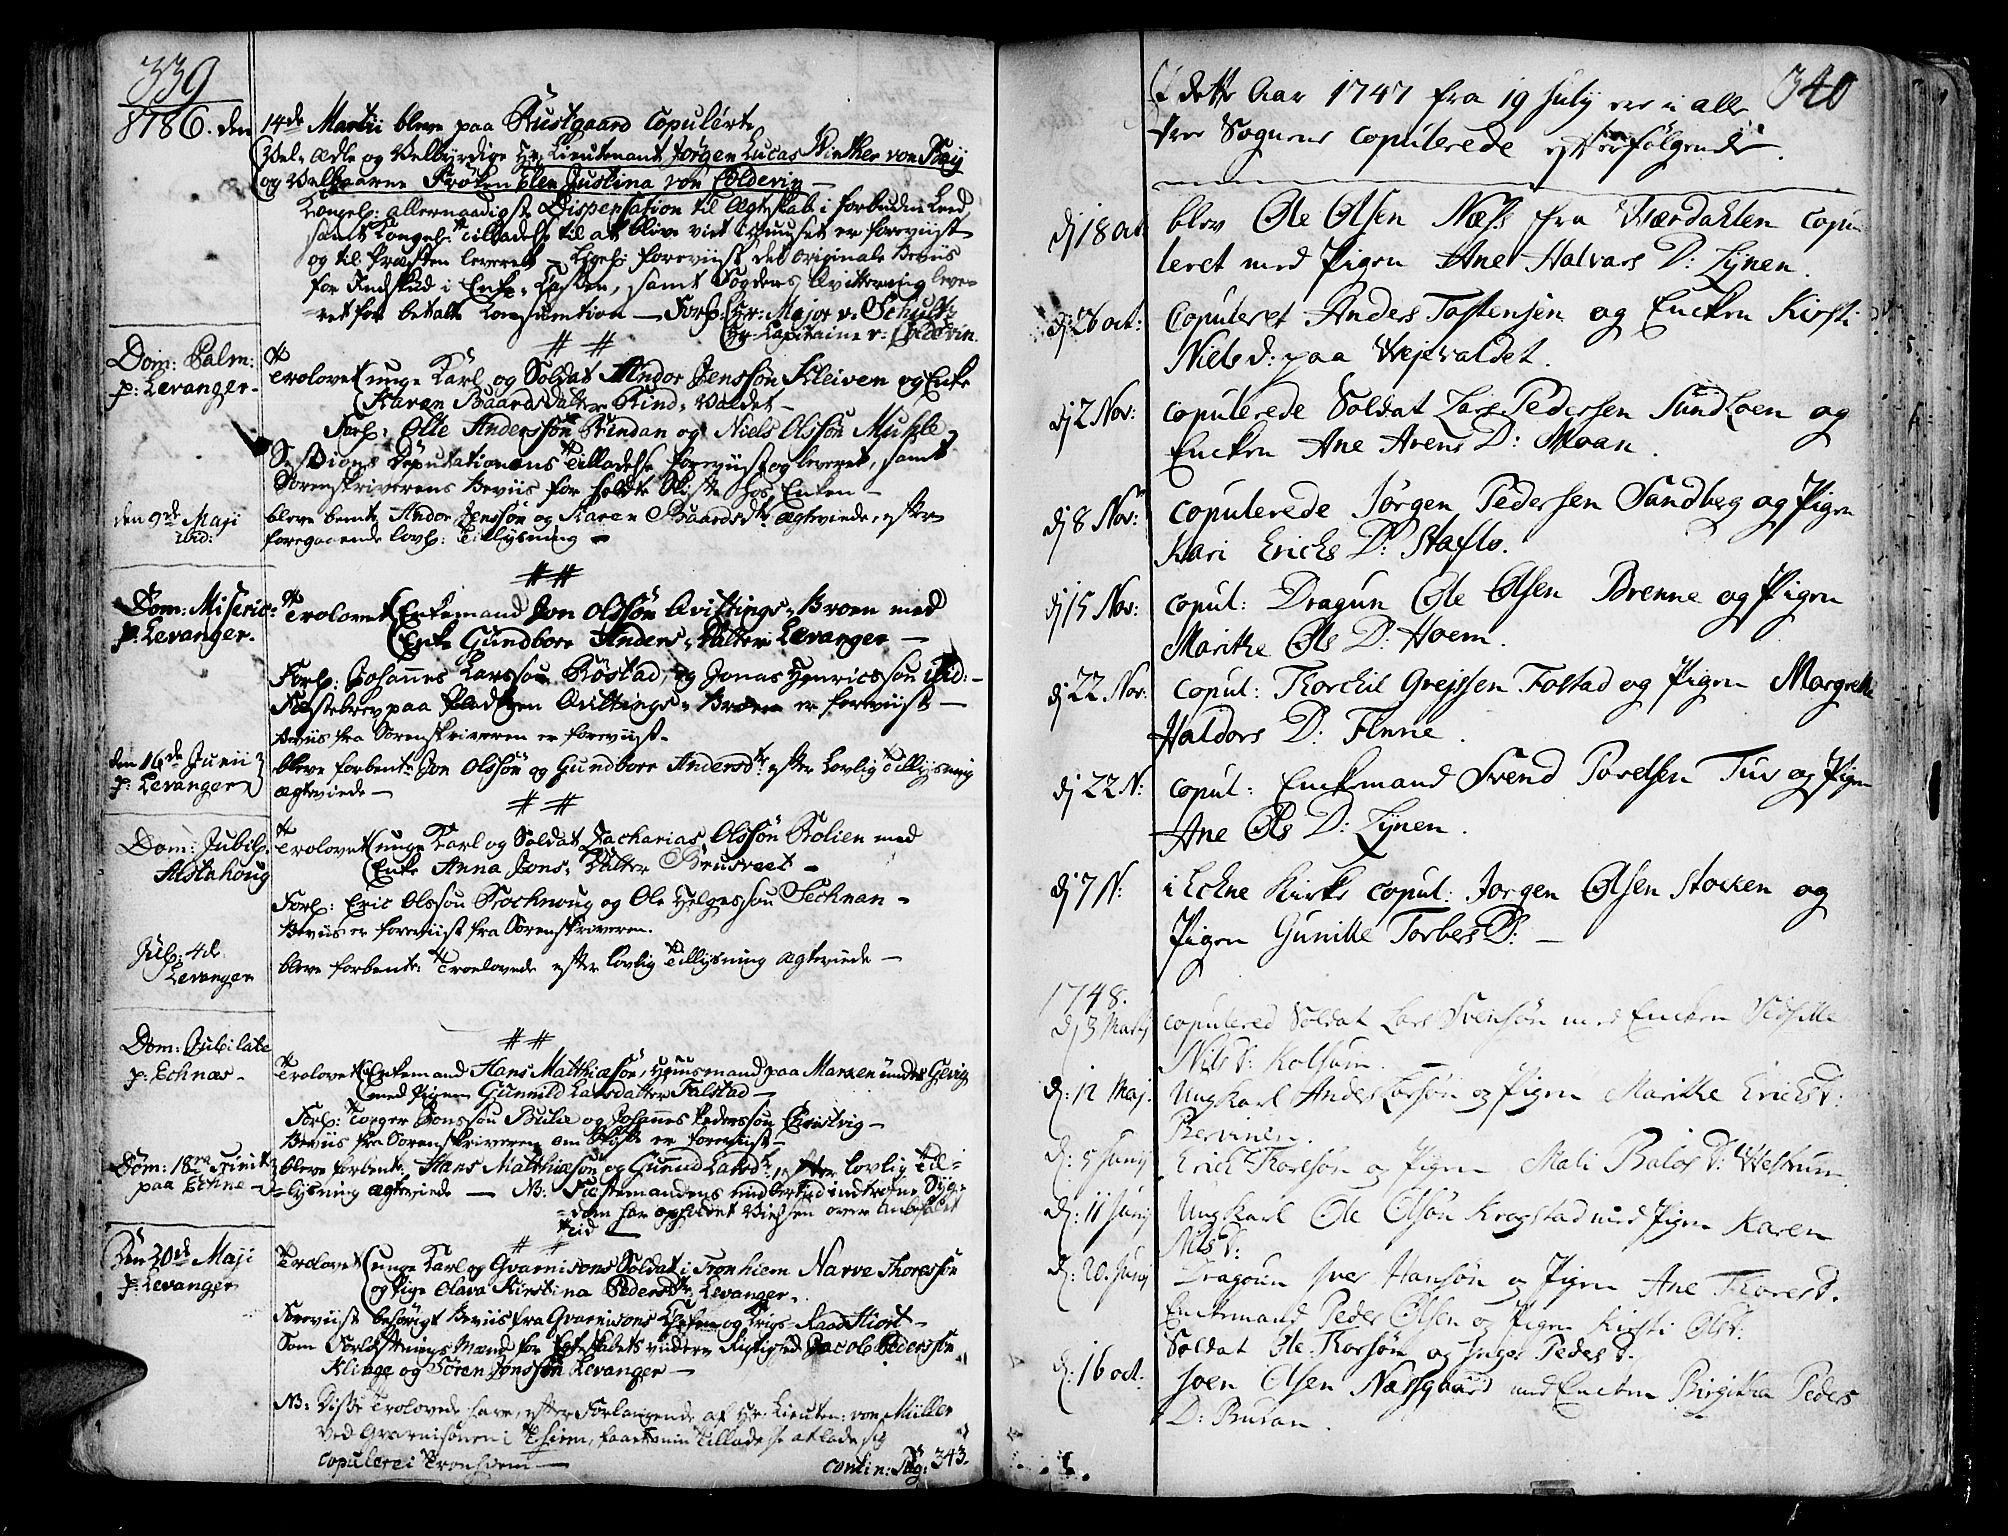 SAT, Ministerialprotokoller, klokkerbøker og fødselsregistre - Nord-Trøndelag, 717/L0141: Ministerialbok nr. 717A01, 1747-1803, s. 339-340